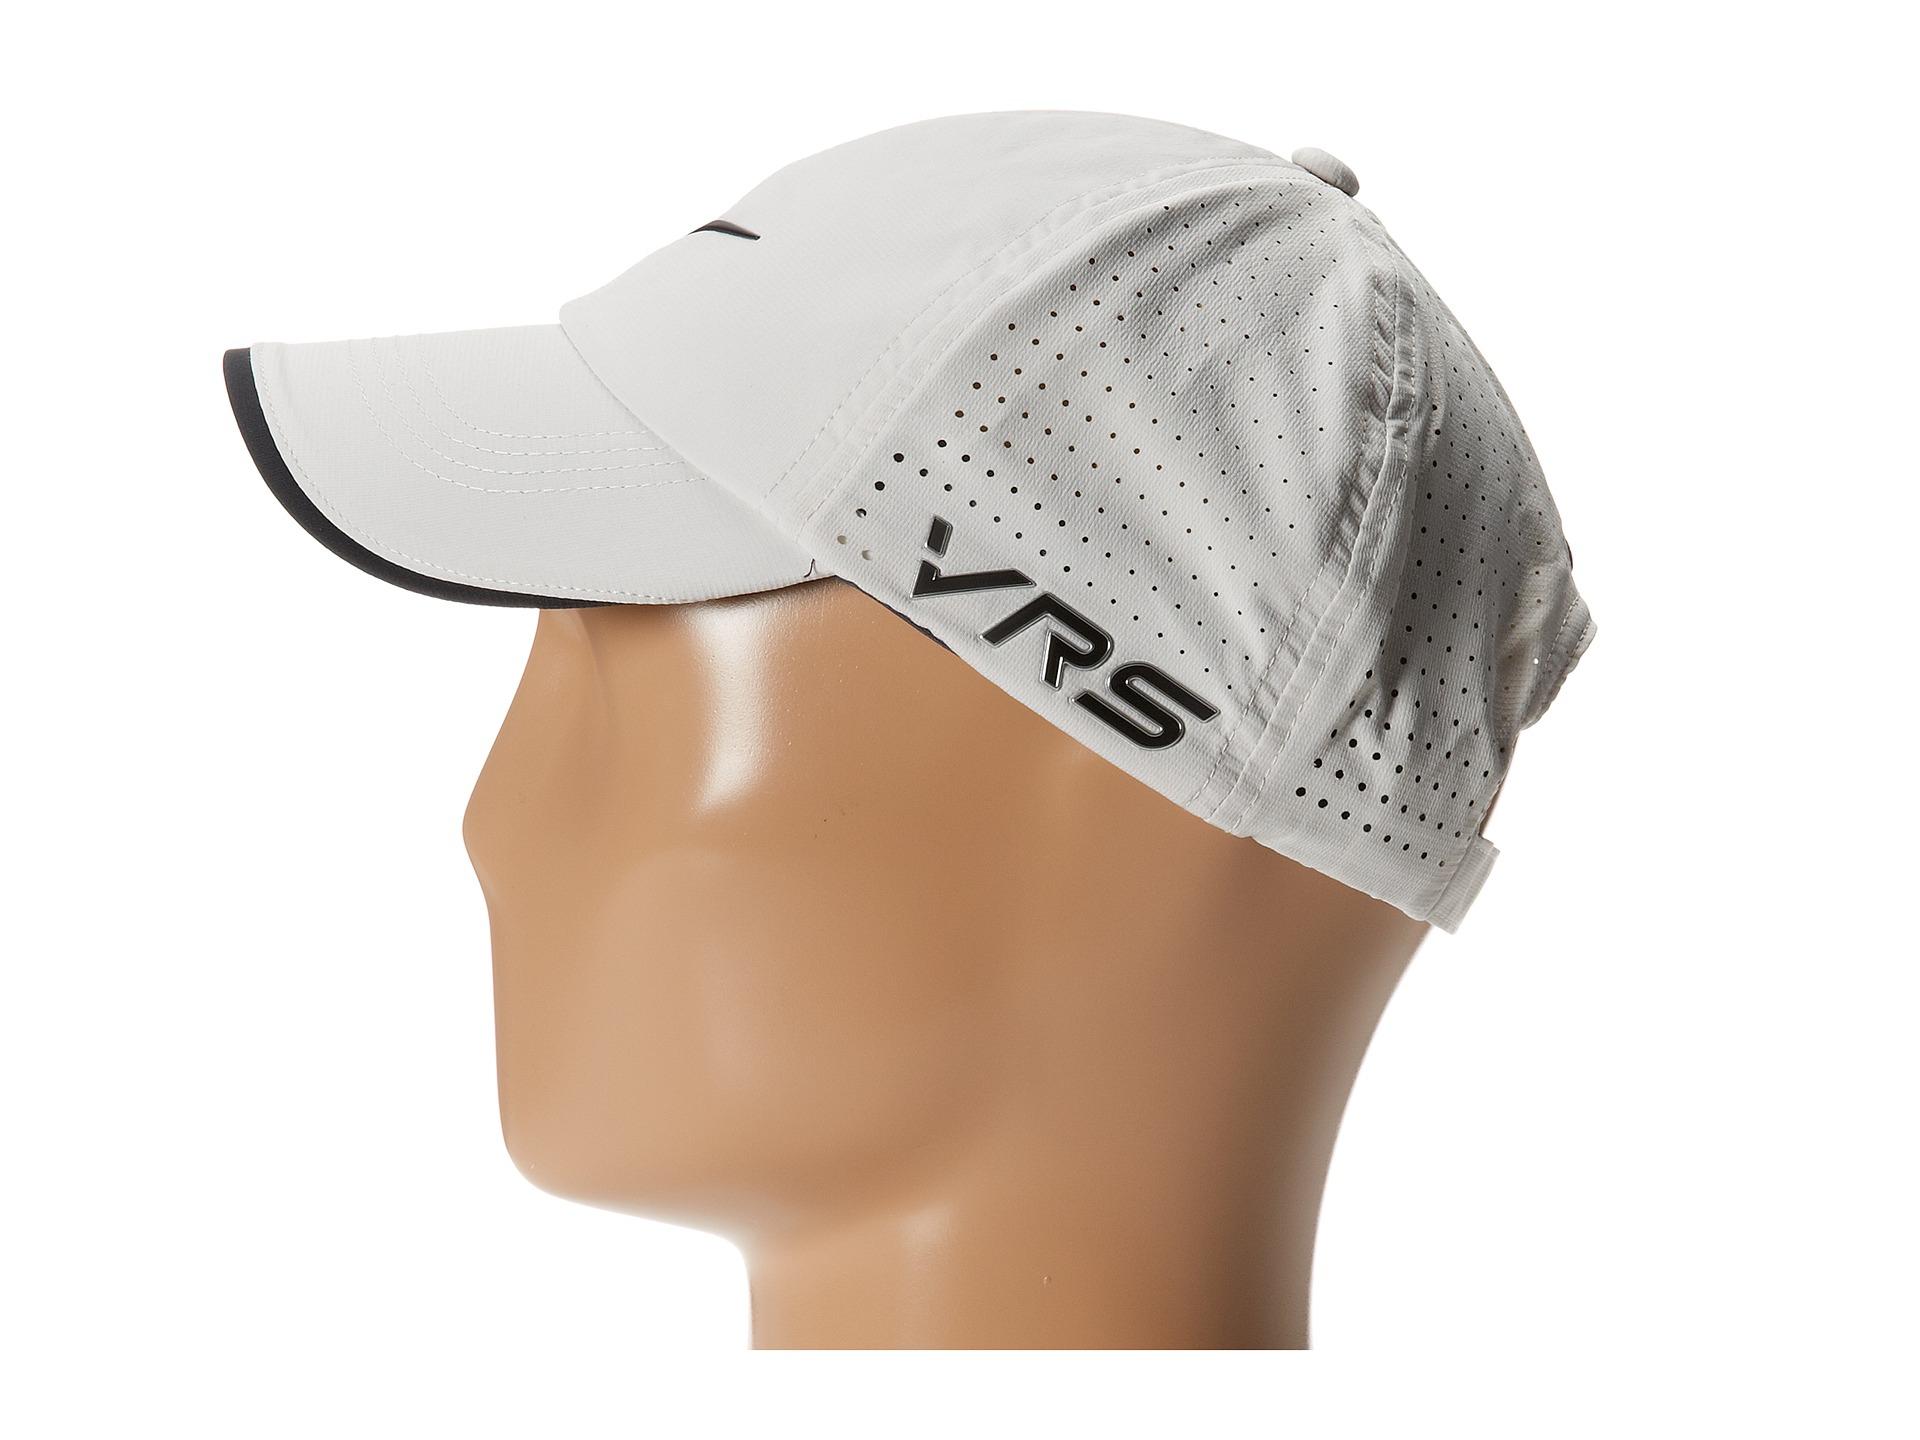 0604035567f76 Nike Golf Dri Fit Tour Perforated Hat  Nike dri fit swoosh ...